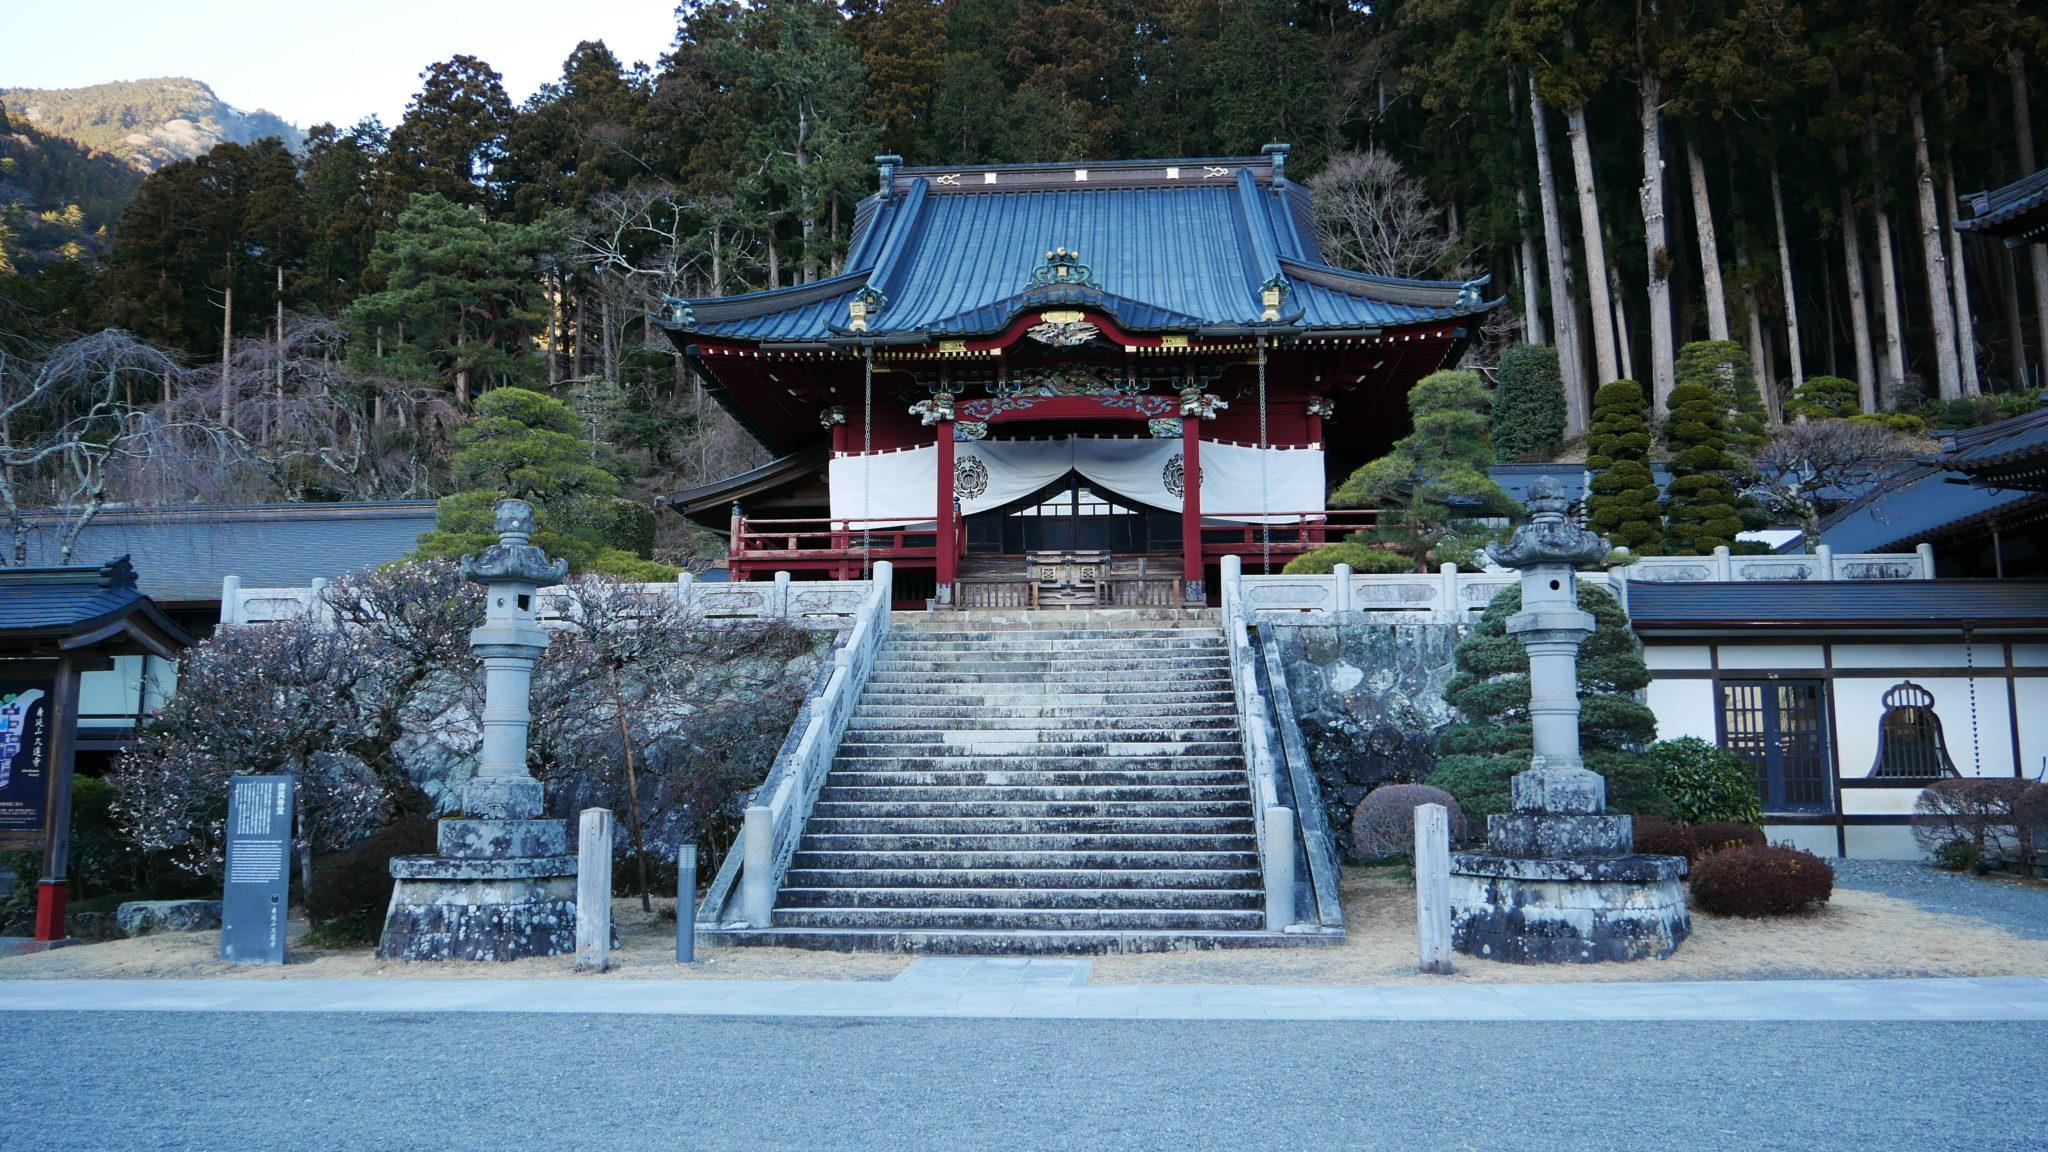 ゆるキャン 身延山久遠寺で 志摩リンのビーノ と一緒に安全祈願会